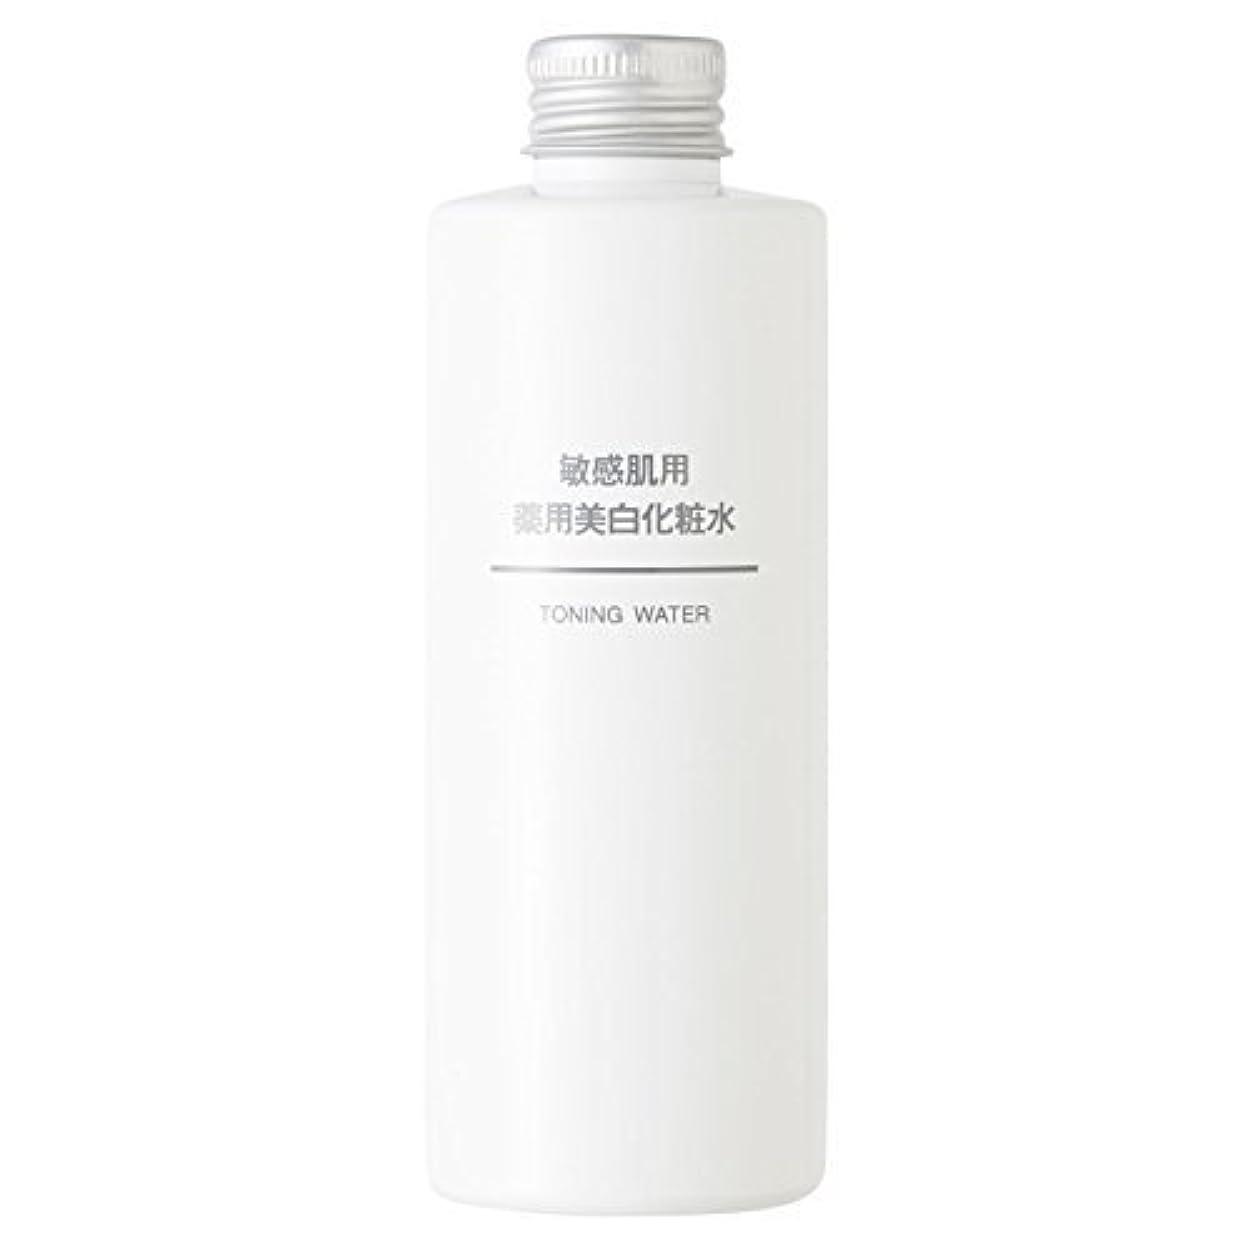 突進干し草ハロウィン無印良品 敏感肌用 薬用美白化粧水 (新)200ml